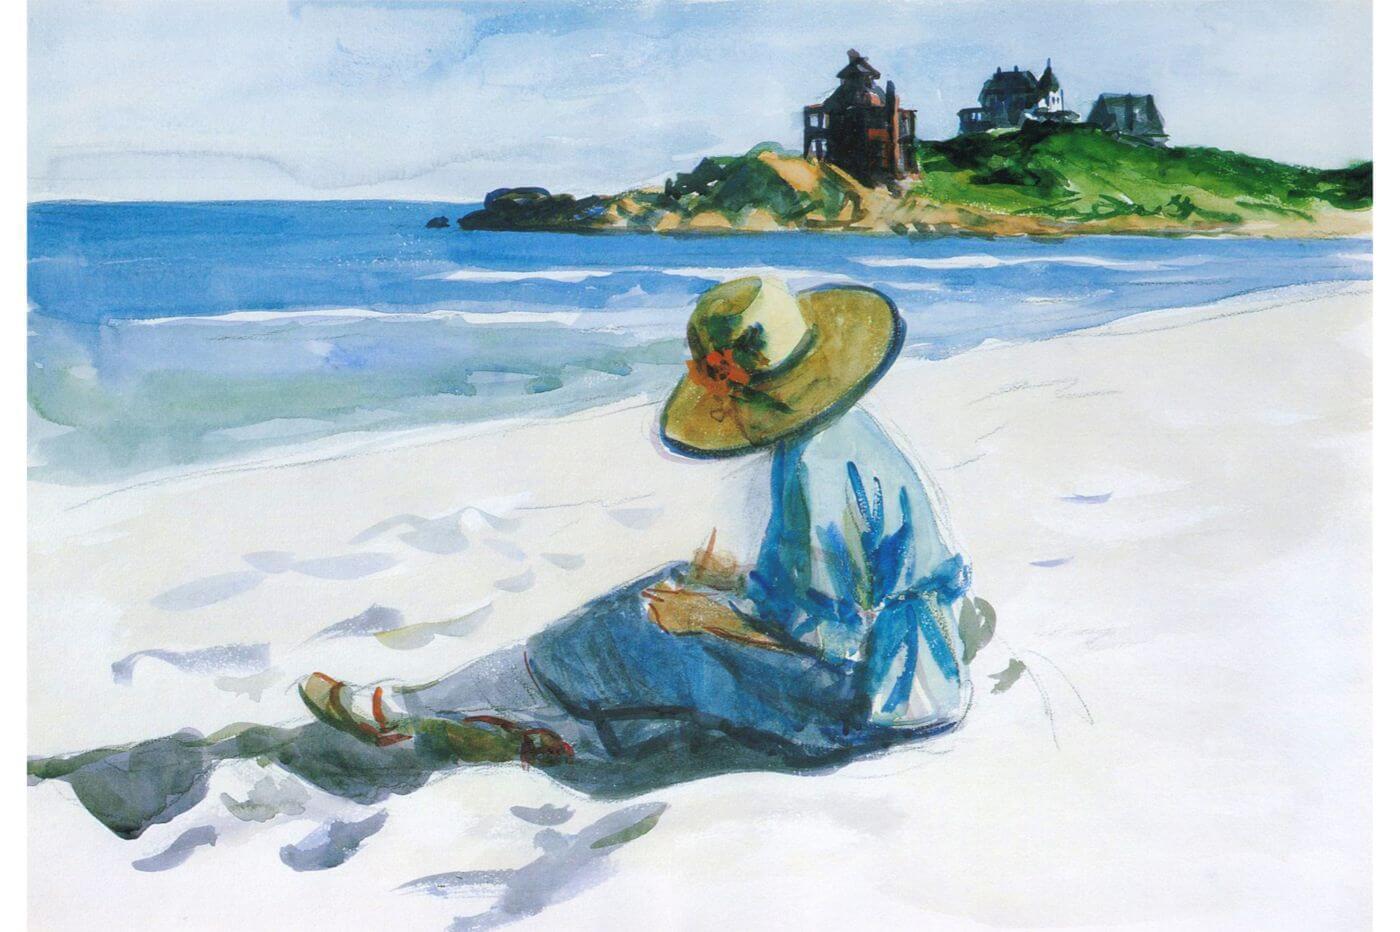 Джо скицира на плажа Едуард Хопър